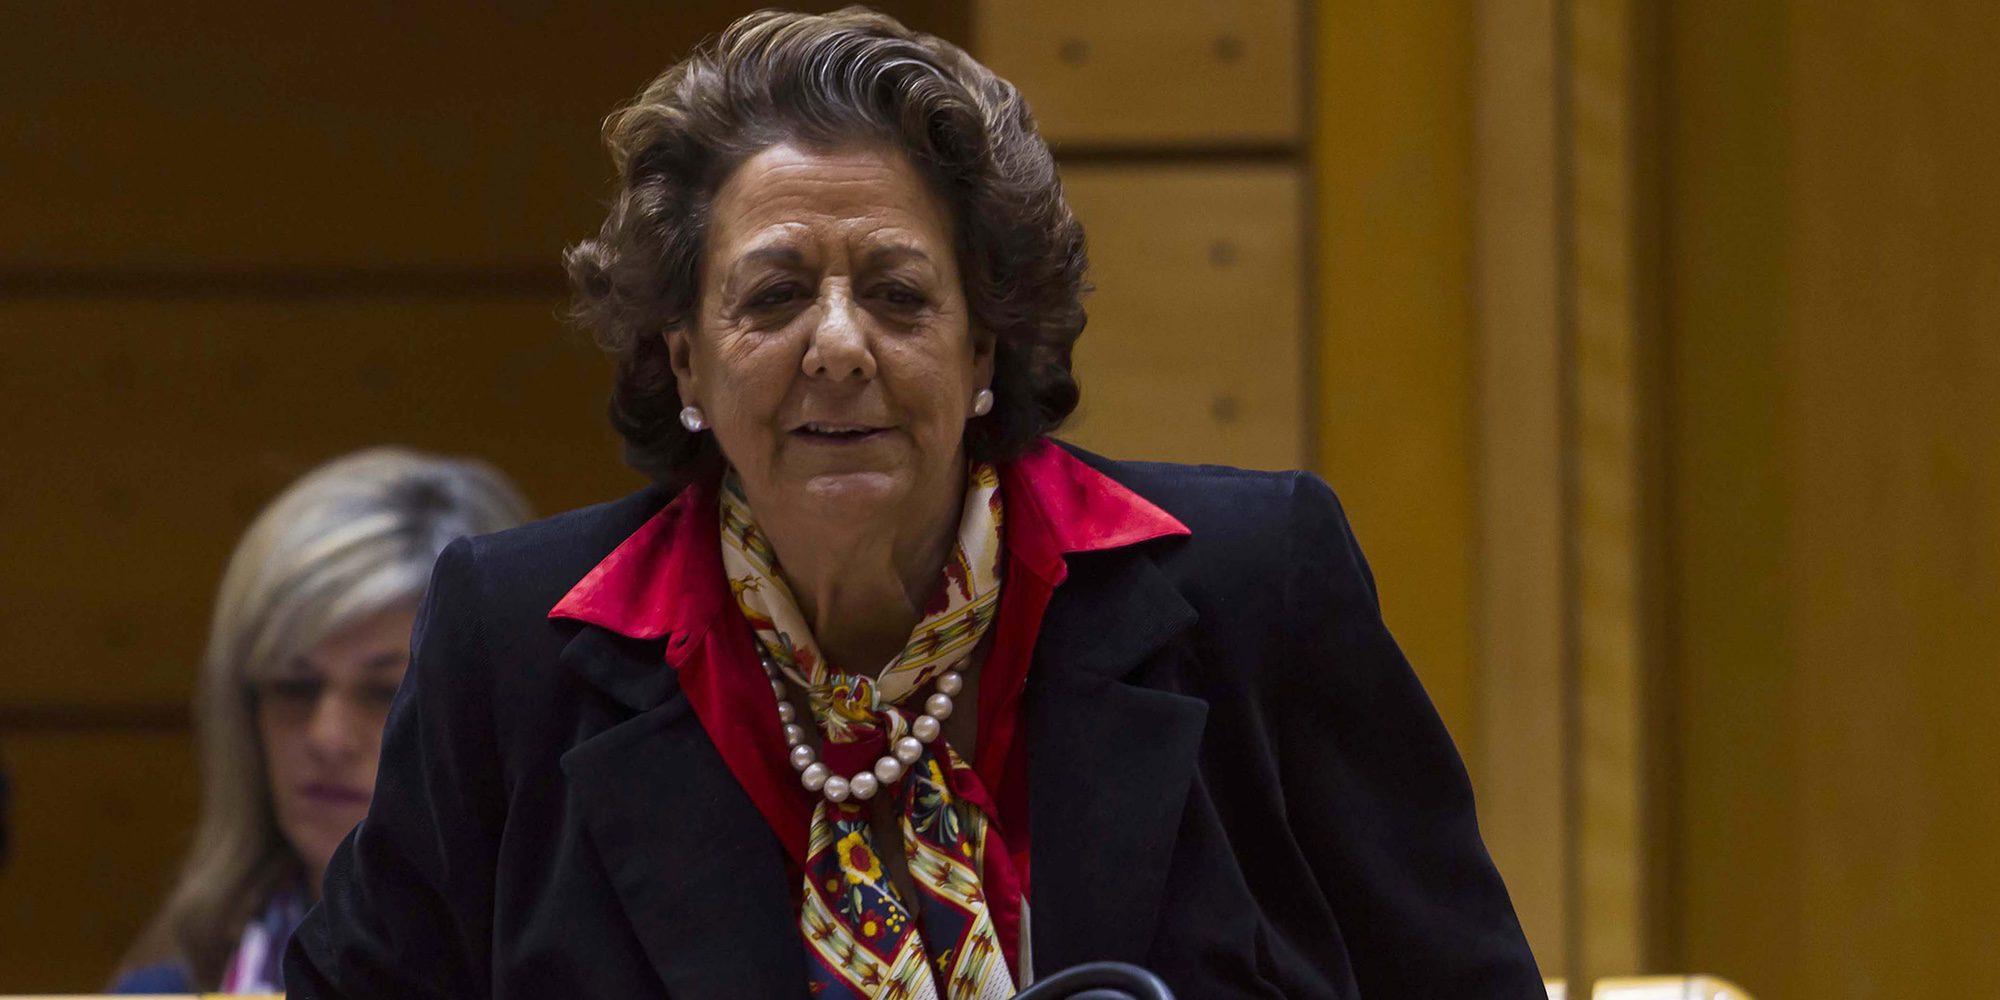 El SMS de Rita Barberá en el que aseguraba que había sido amenazada de muerte